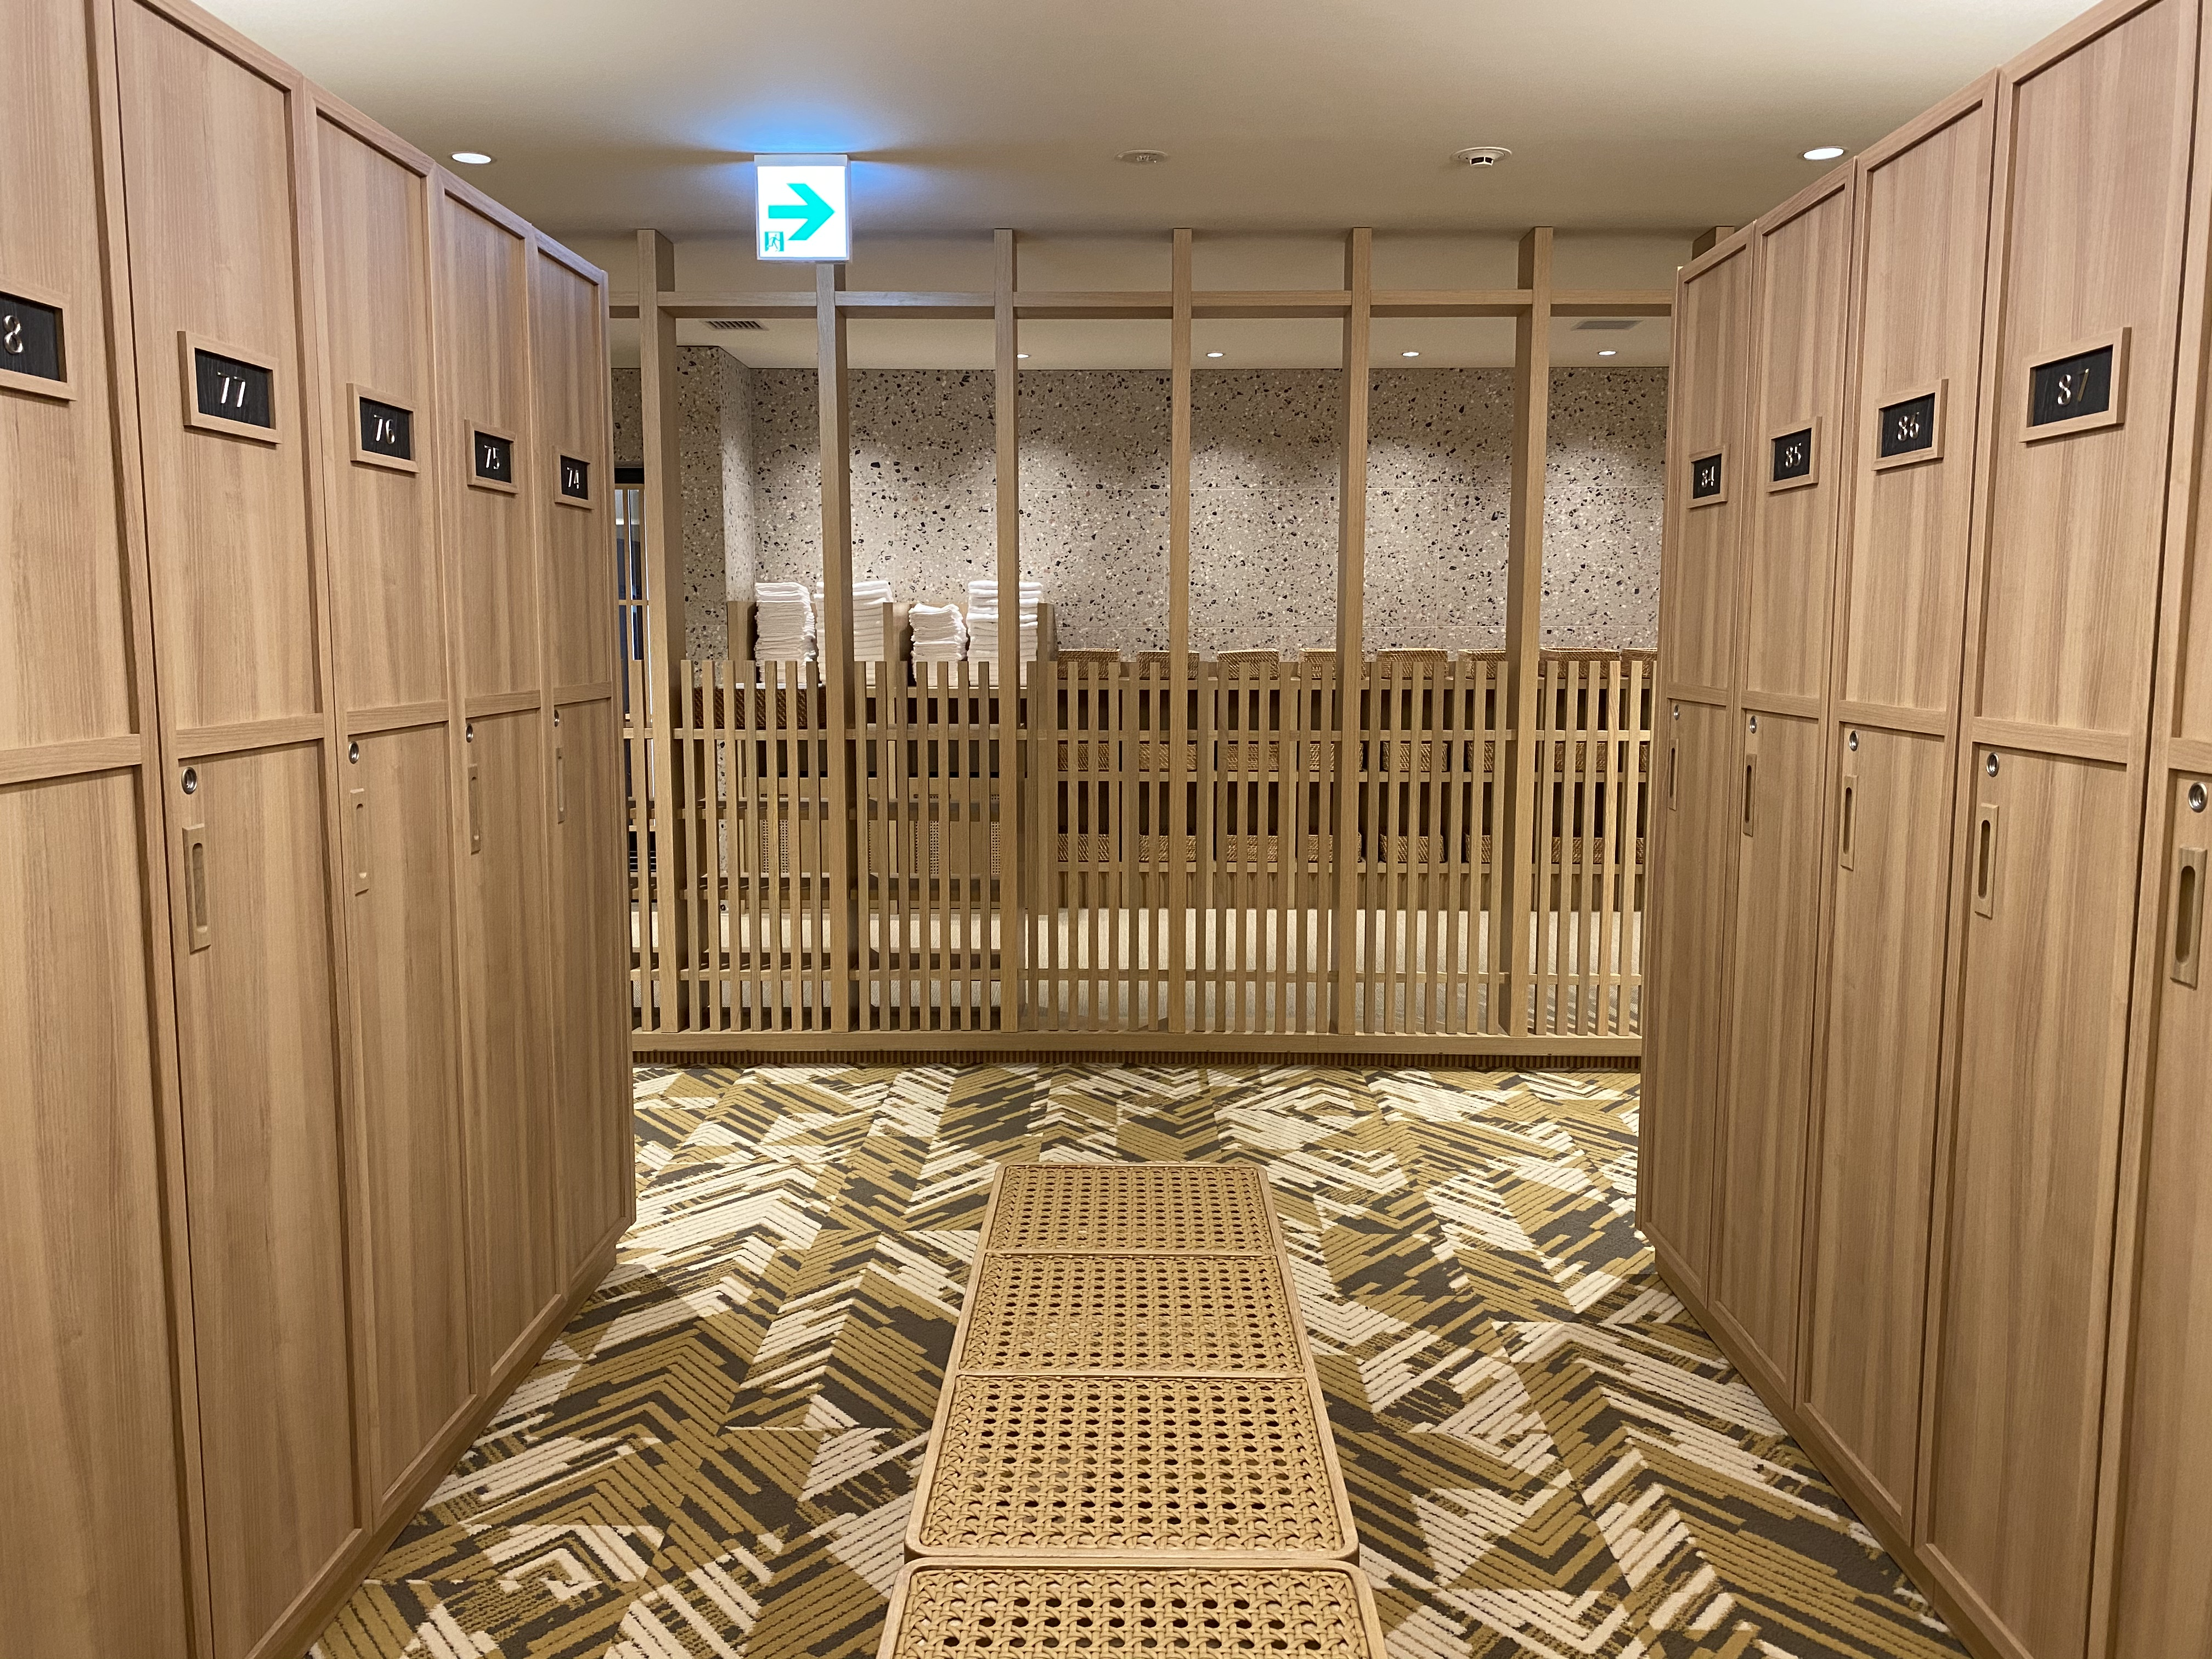 <p>ロッカールームも清潔感があってシックな雰囲気</p>